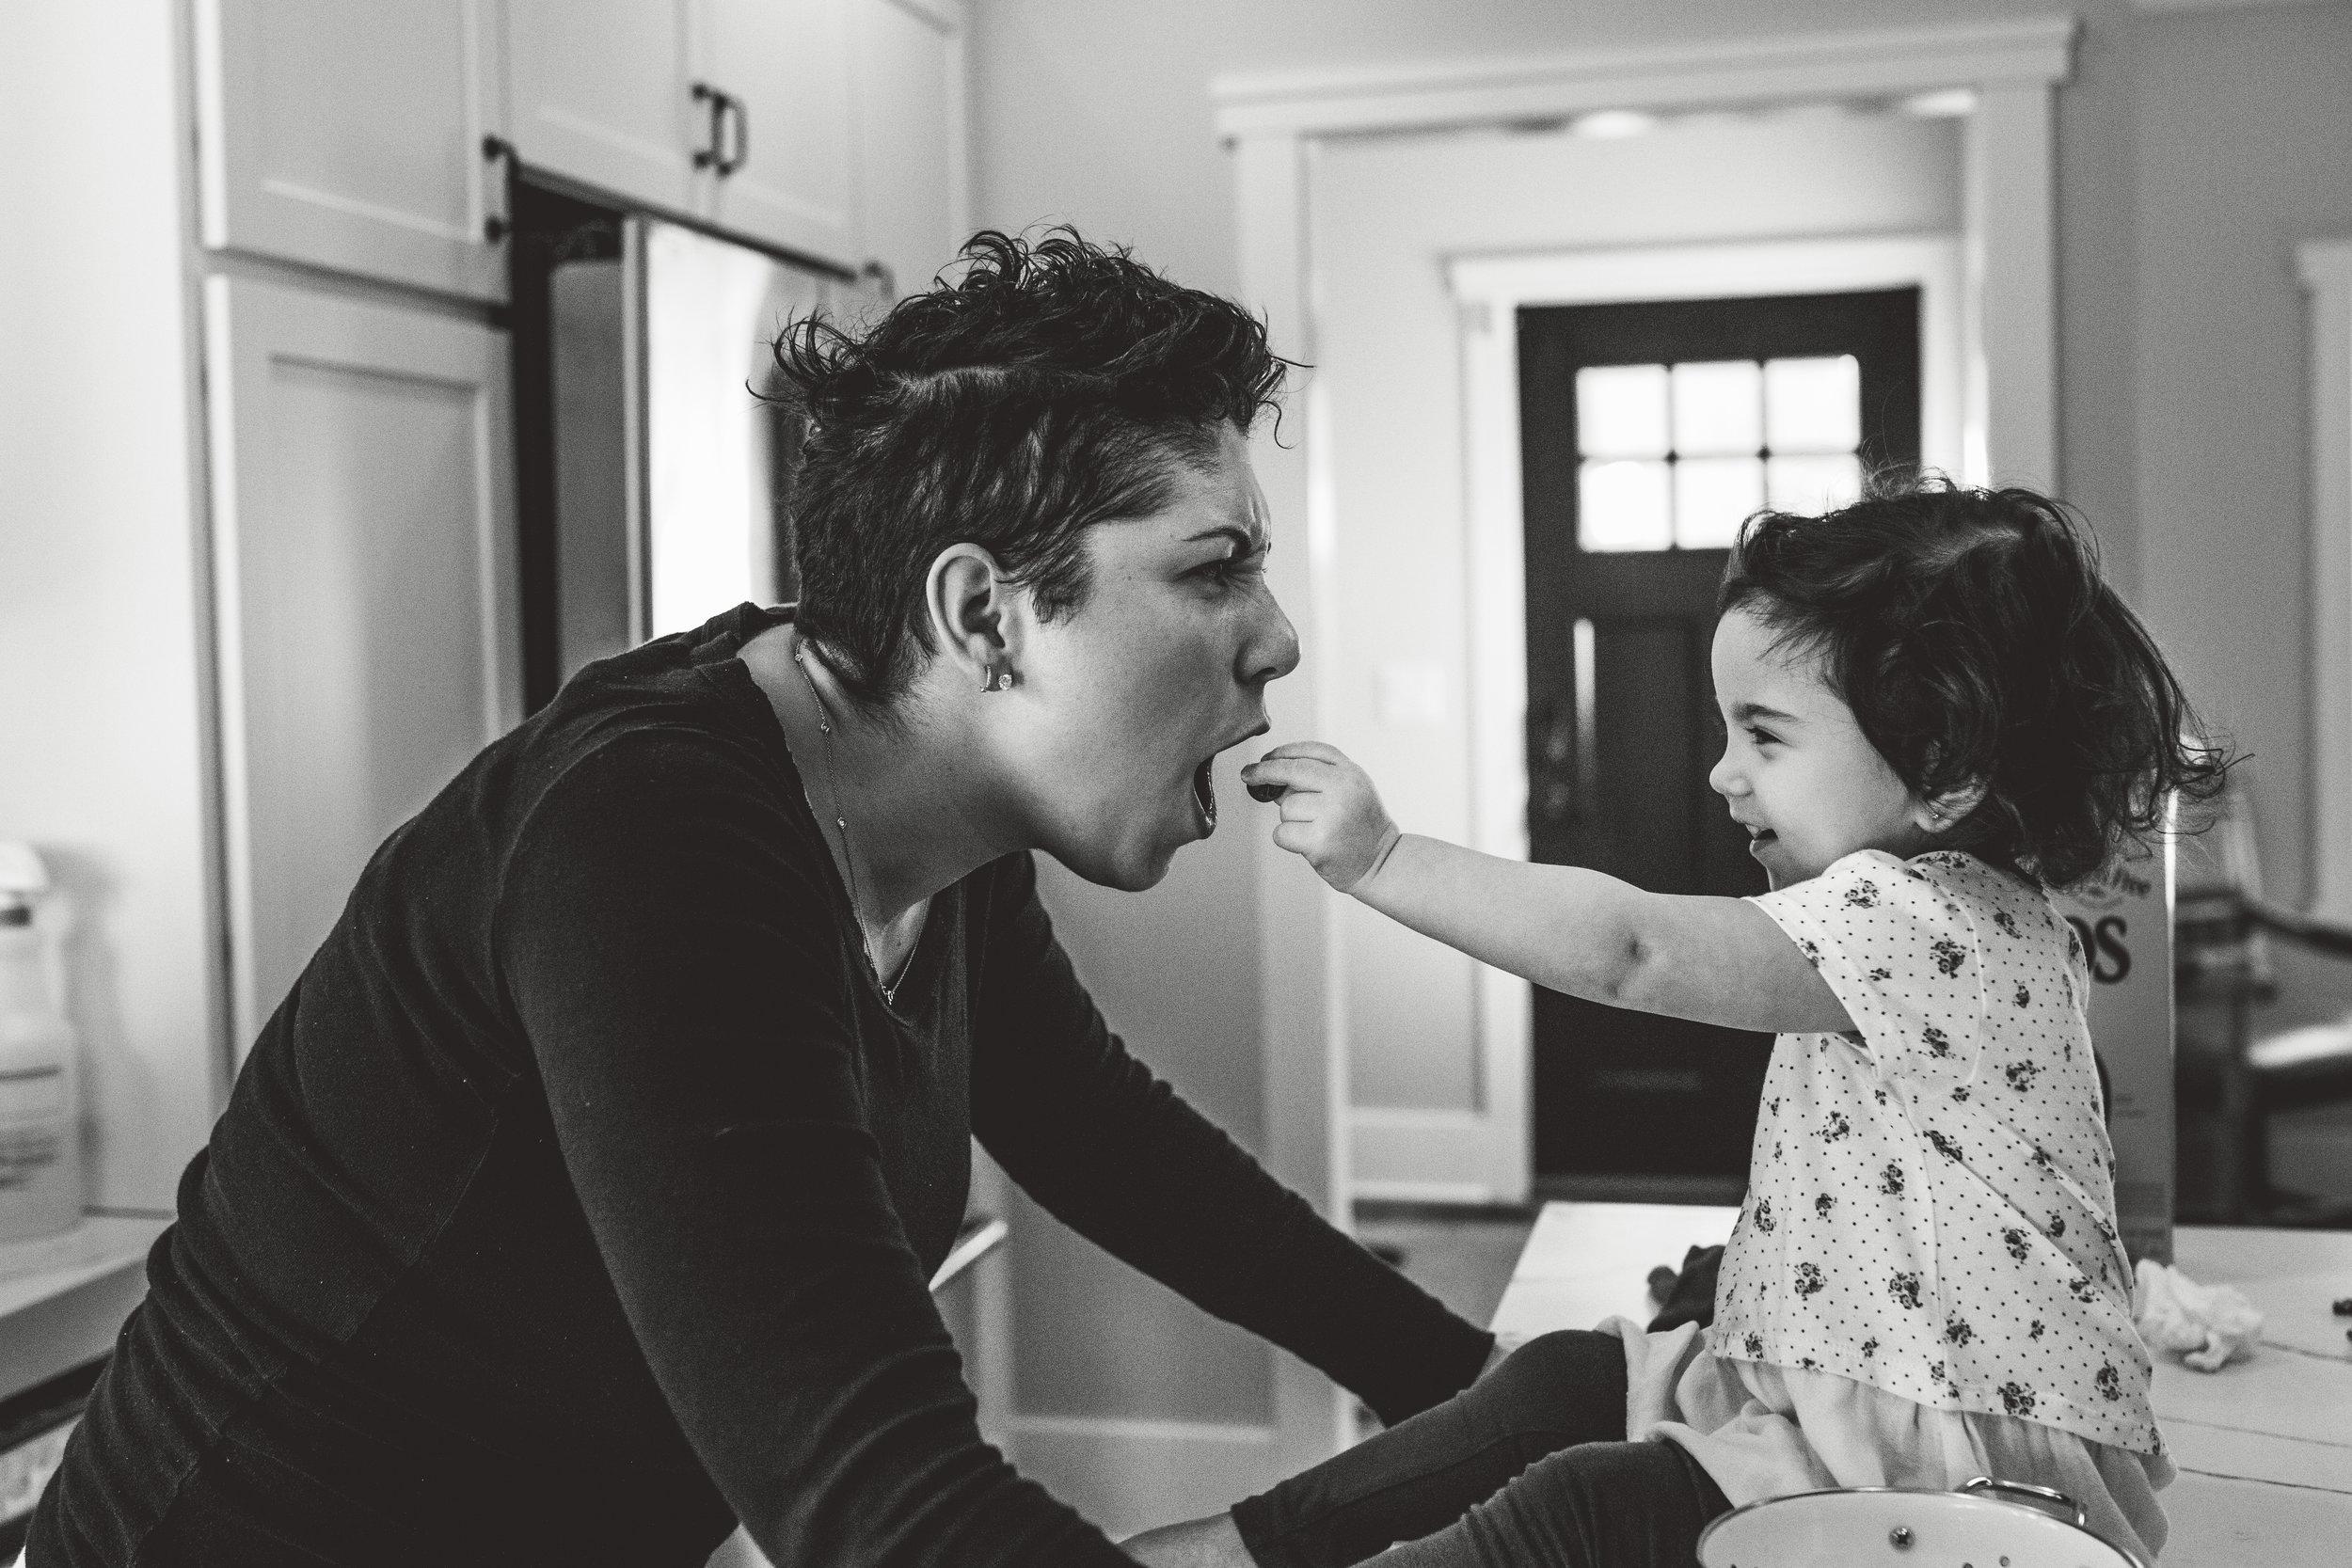 Toddler feeding her mom.